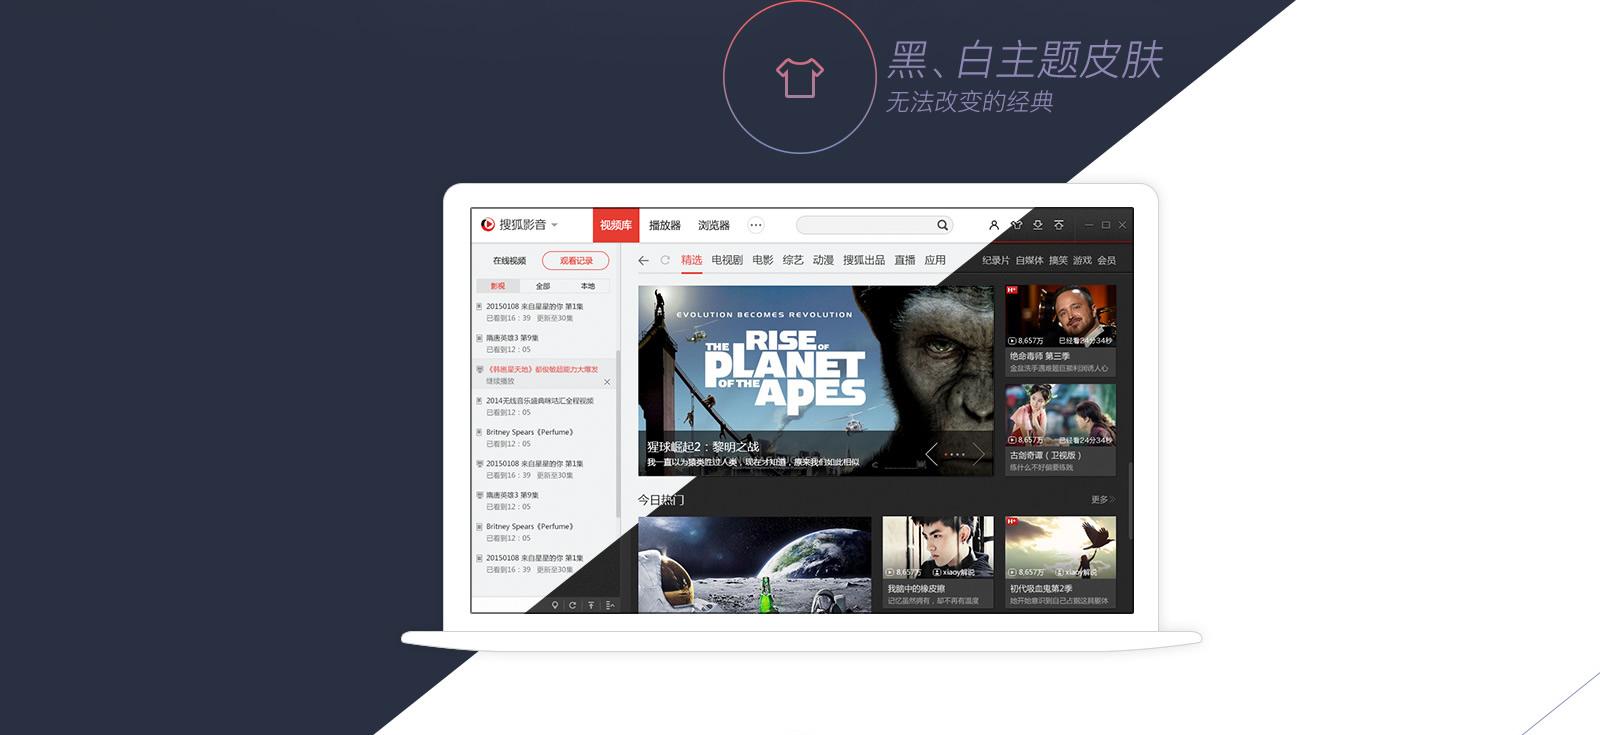 搜狐视频-搜狐影音5